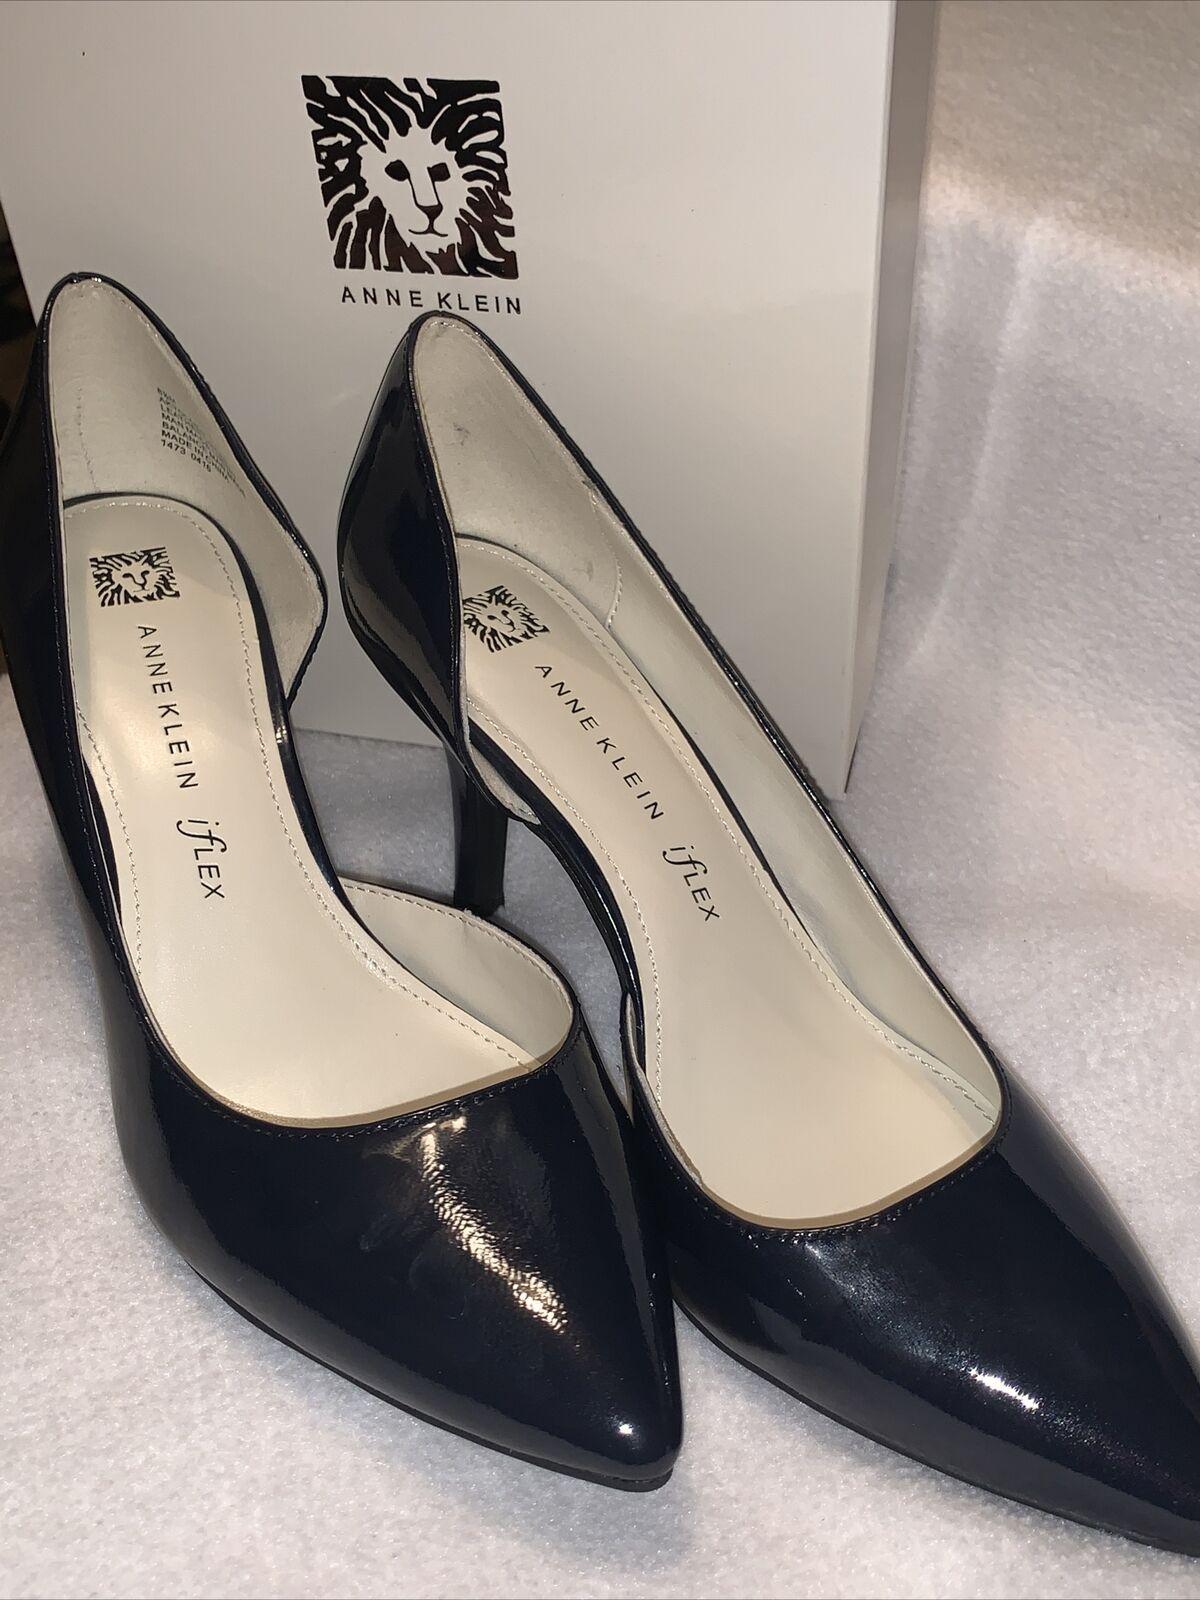 """New Women's ANNE KLEIN Heels Black Leather Closed Toe Pumps Sz 8.5 Heel 3.5"""""""